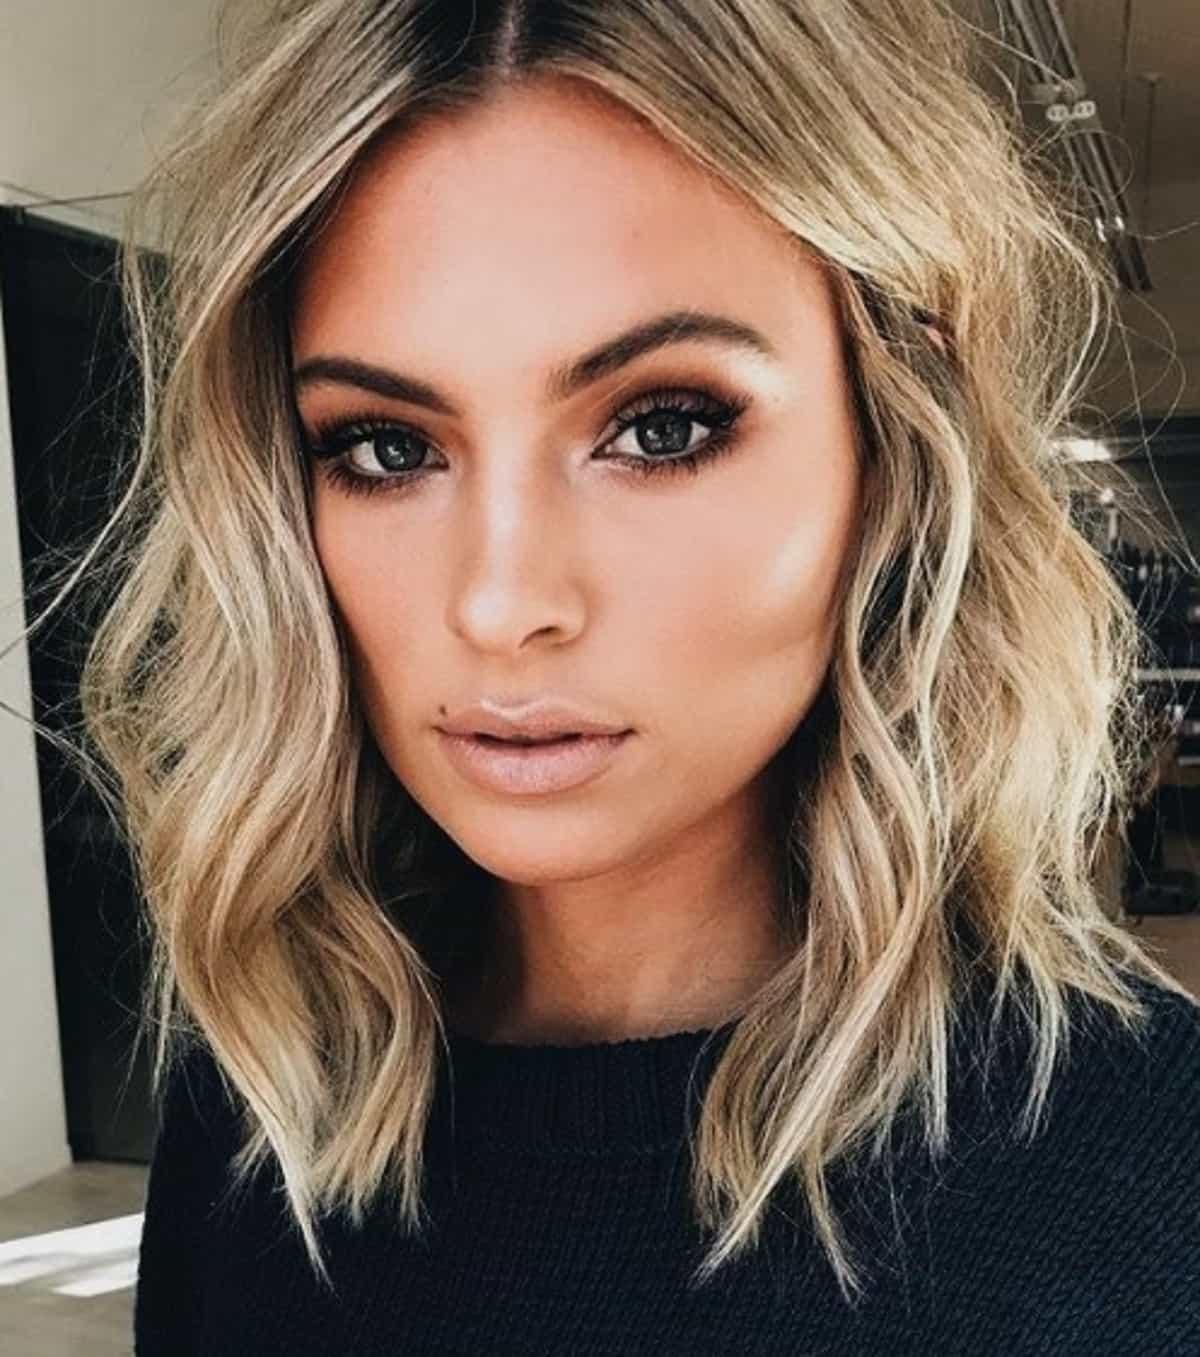 Tagli capelli corti e mossi 2019